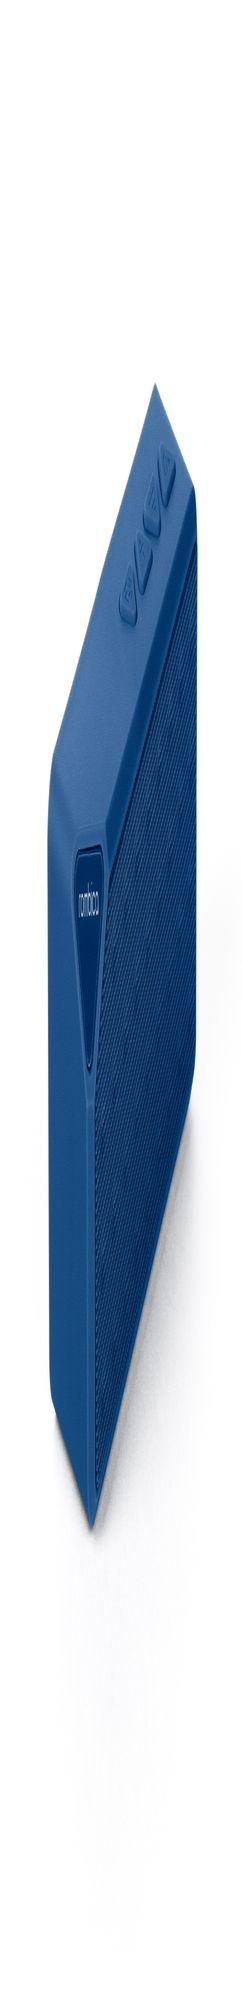 Портативная колонка Rombica MySound BT-01, синяя фото